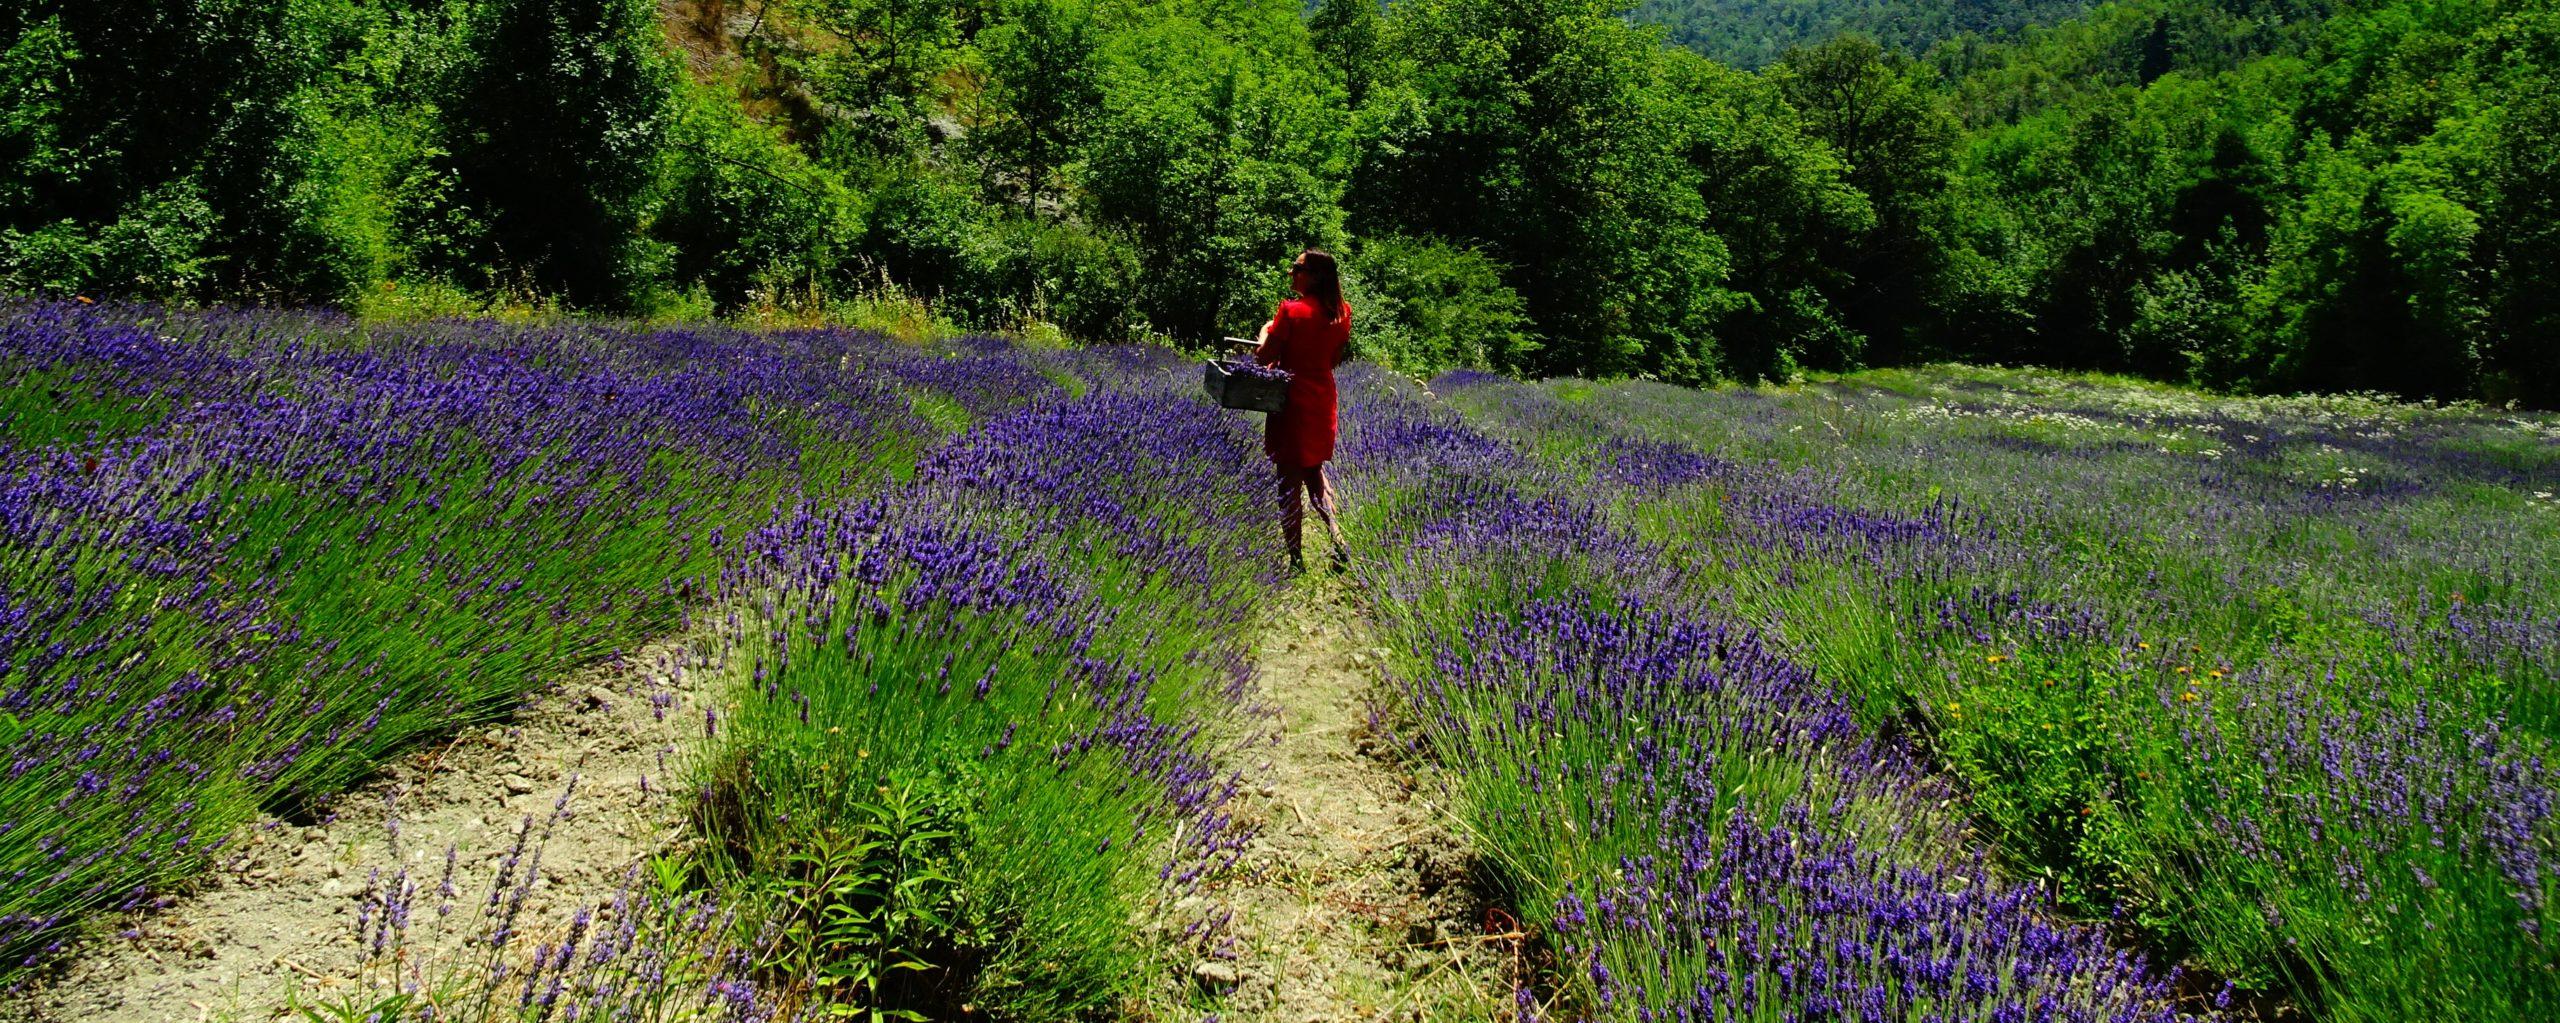 piemonte lavender region